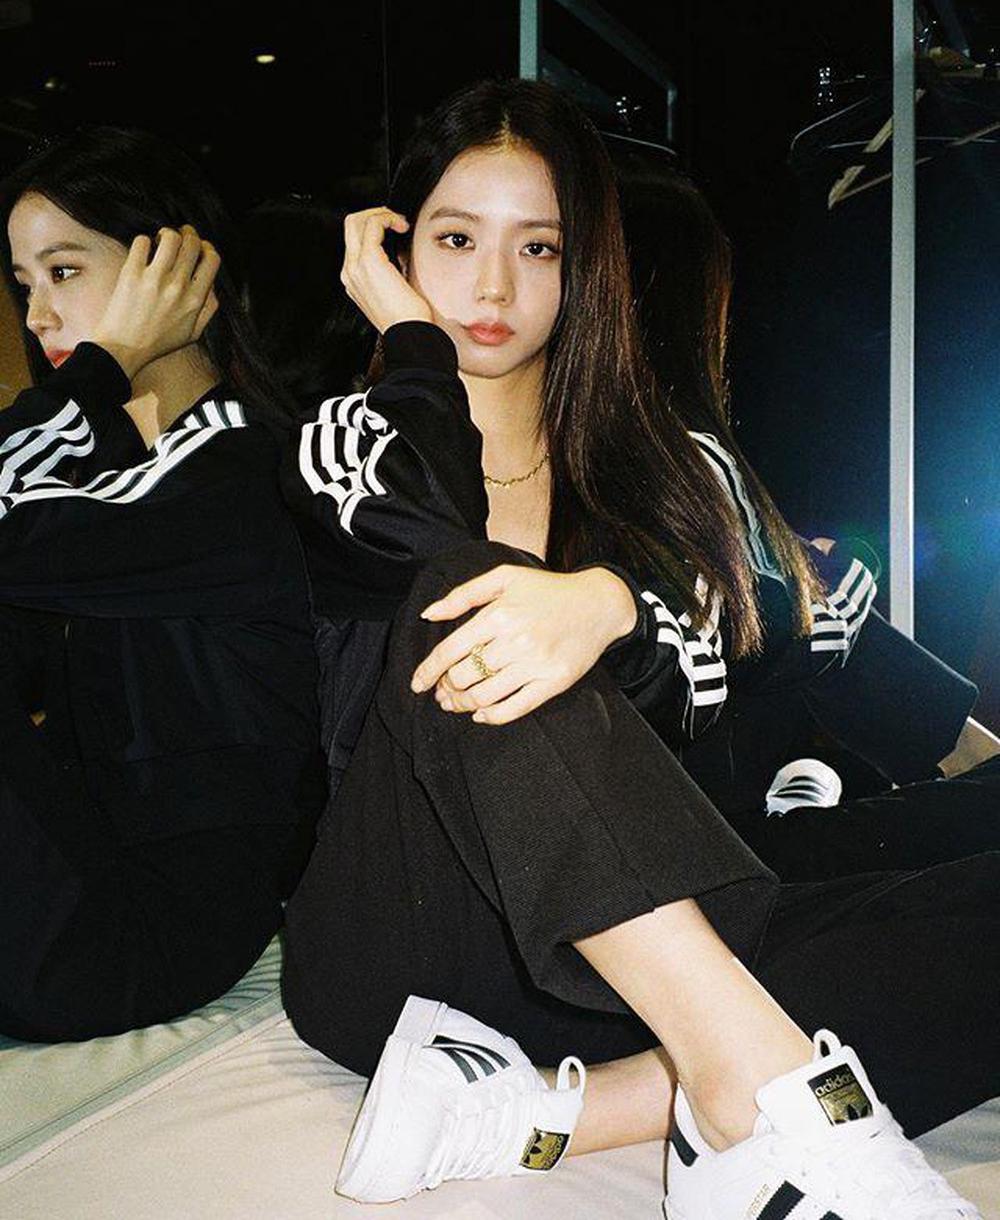 Ngay cả khi chụp ảnh quảng cáo, Ji Soo cũng hiếm khi đổi kiểu tóc. Cũng vì vậy nên nhan sắc nàng visual đôi khi có phần lép vế so với các thành viên khác.